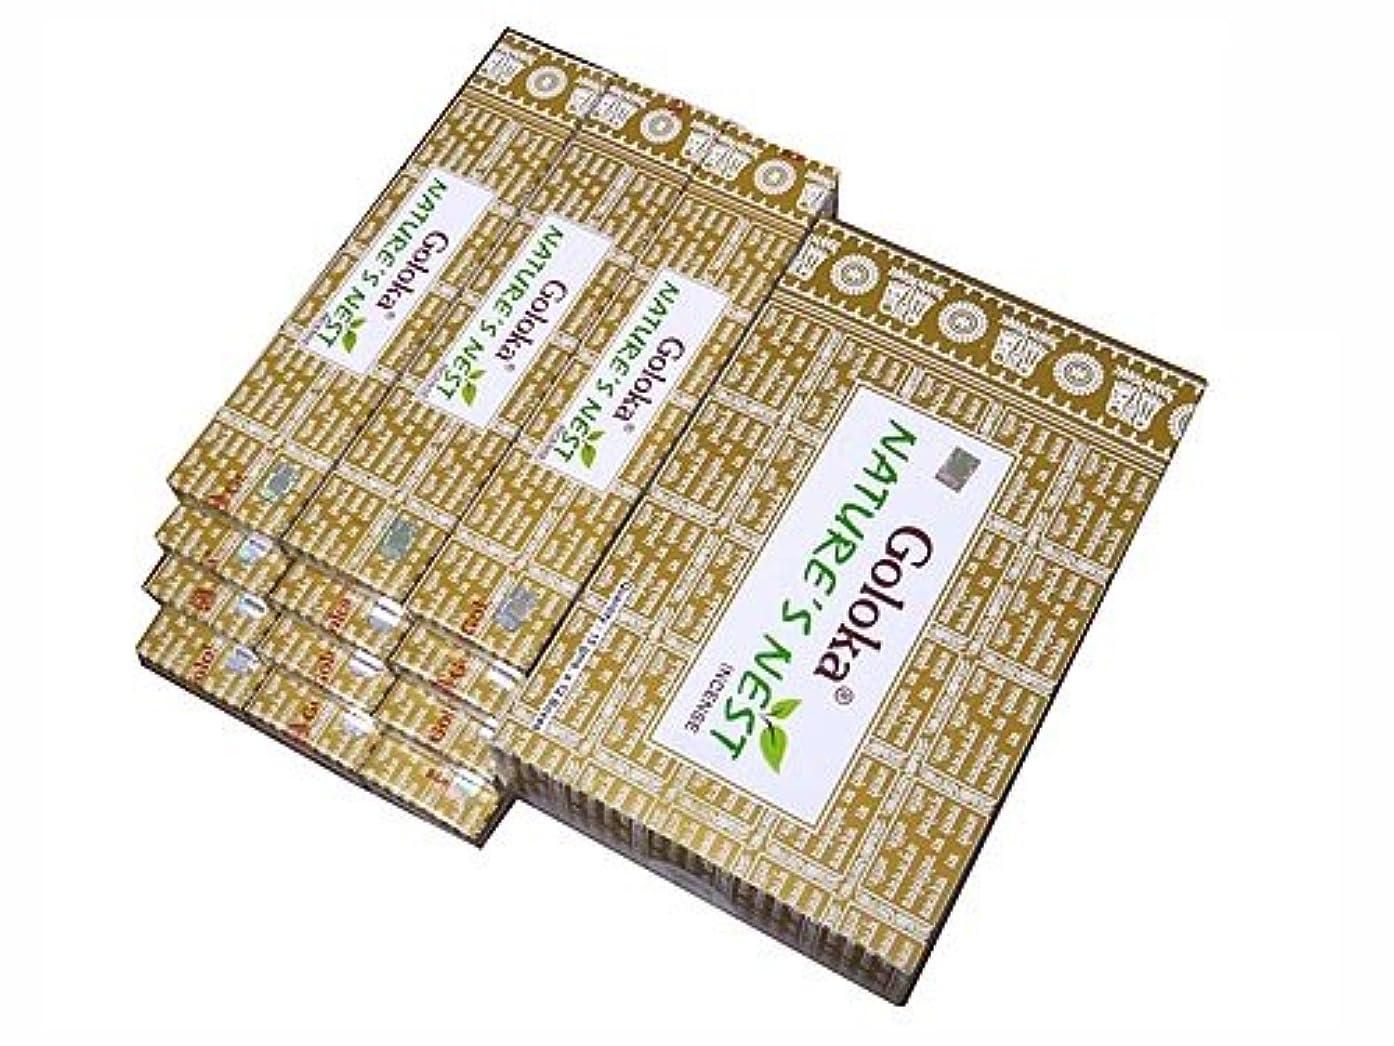 シーサイドマイナー混沌GOLOKA(ゴロカ) ゴロカ ネイチャーズネスト香 レギュラーボックス オールナチュラルインセンス NATURE'S NEST 12箱セット